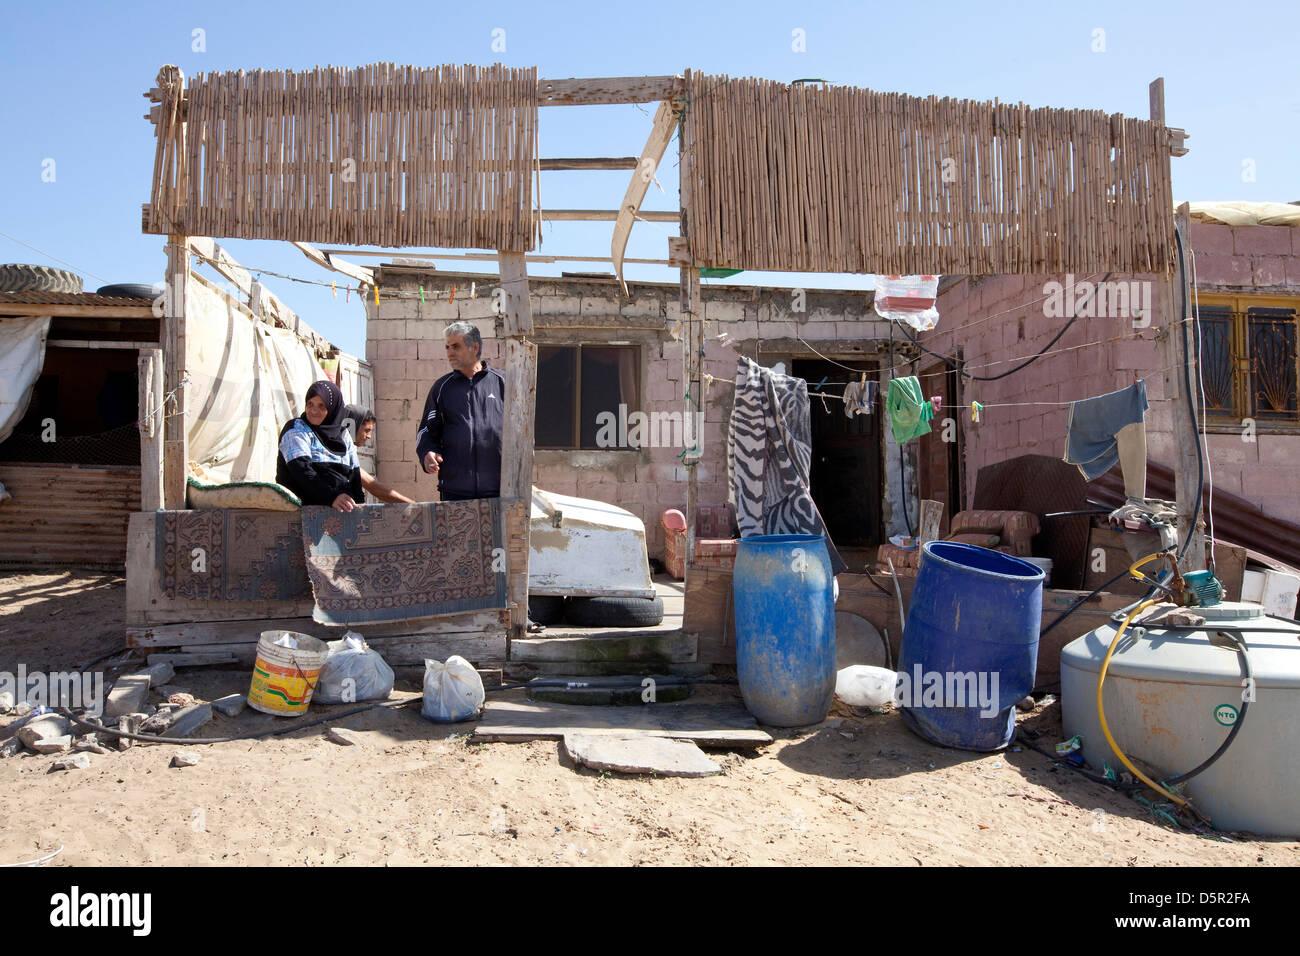 Jal el Bahr, l'établissement des réfugiés palestiniens au Liban, Tyr Photo Stock